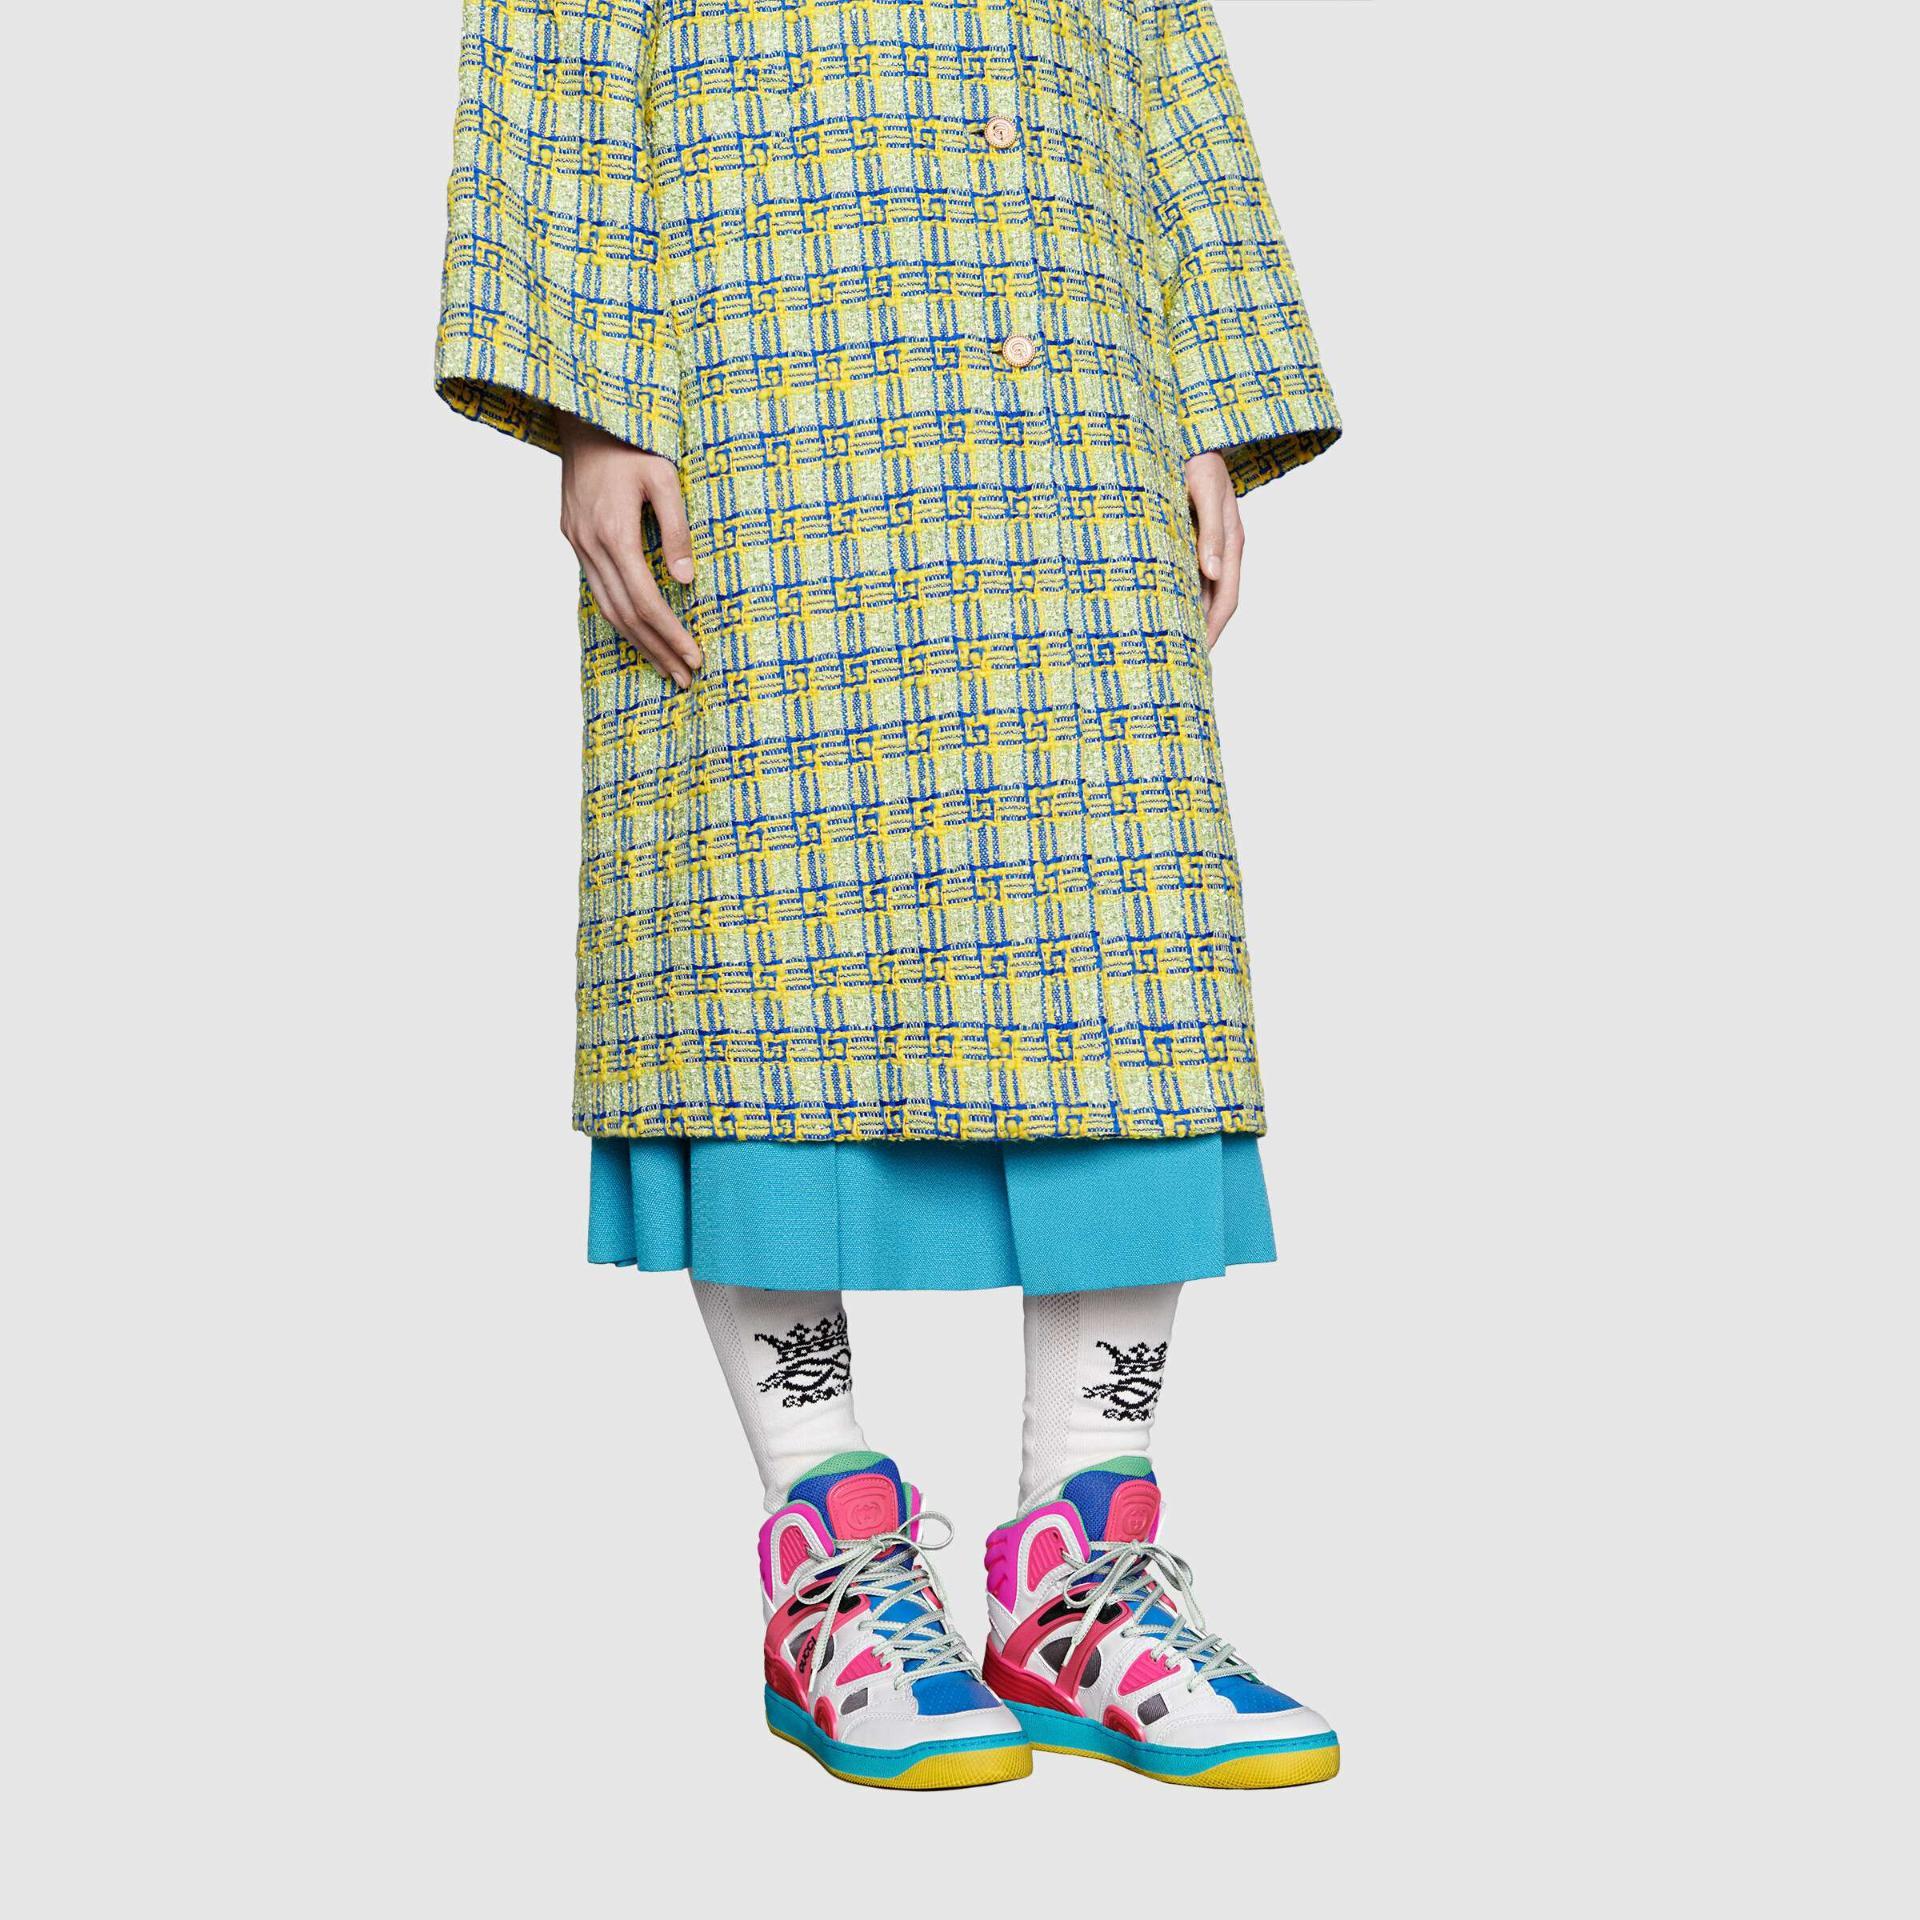 유럽직배송 구찌 GUCCI Gucci - Women's Gucci Basket sneaker 6613112SH809063